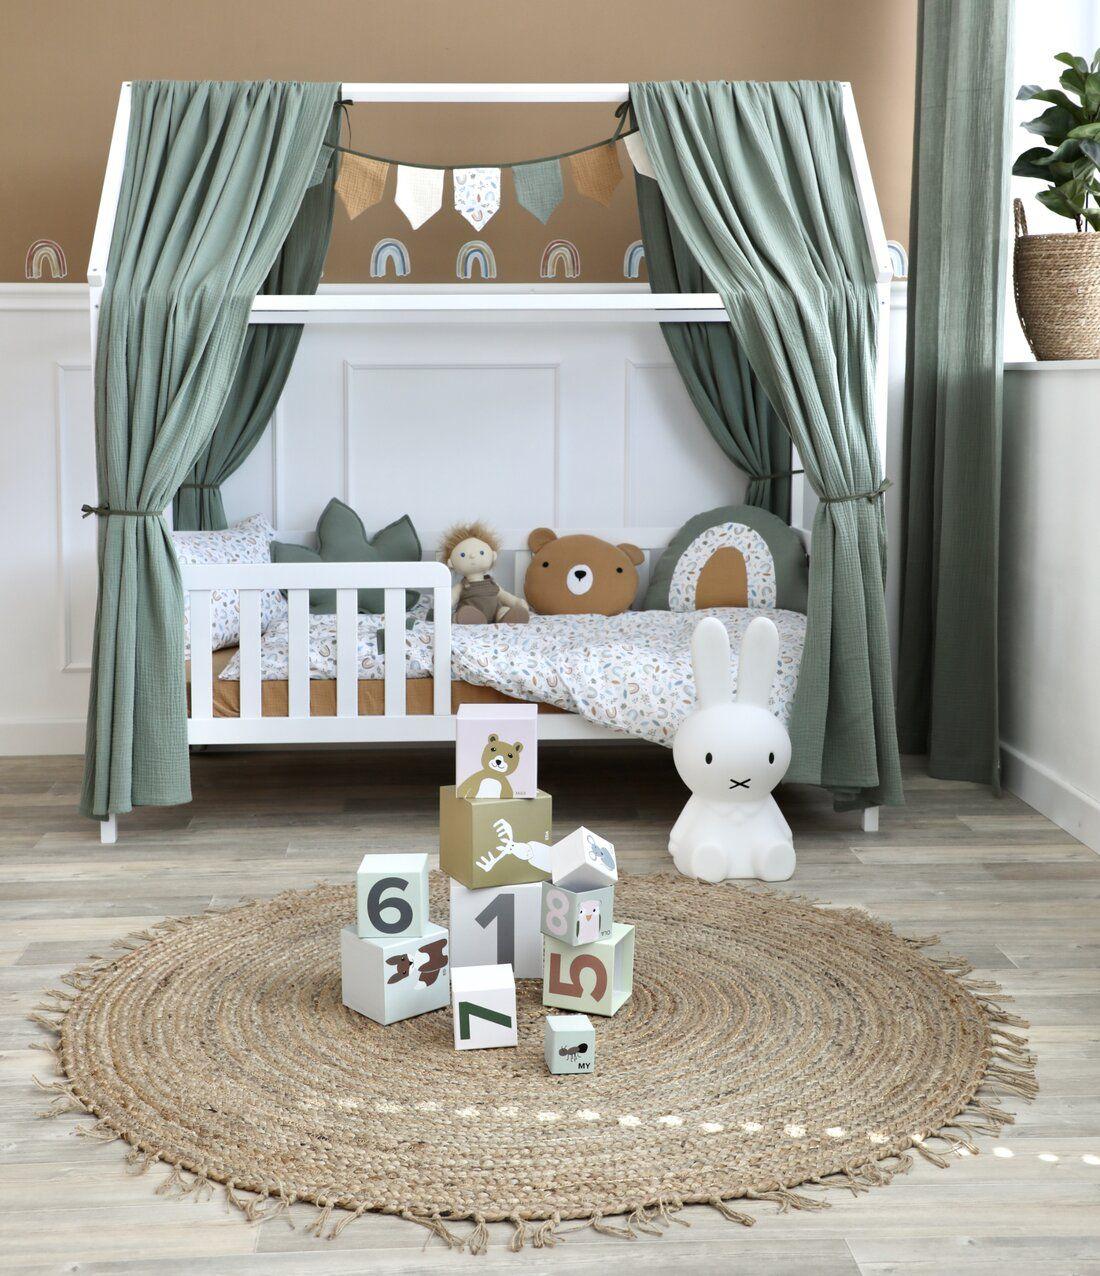 Kinderzimmer mit Hausbett in warmen Farben bei Fantasyroom online kaufen